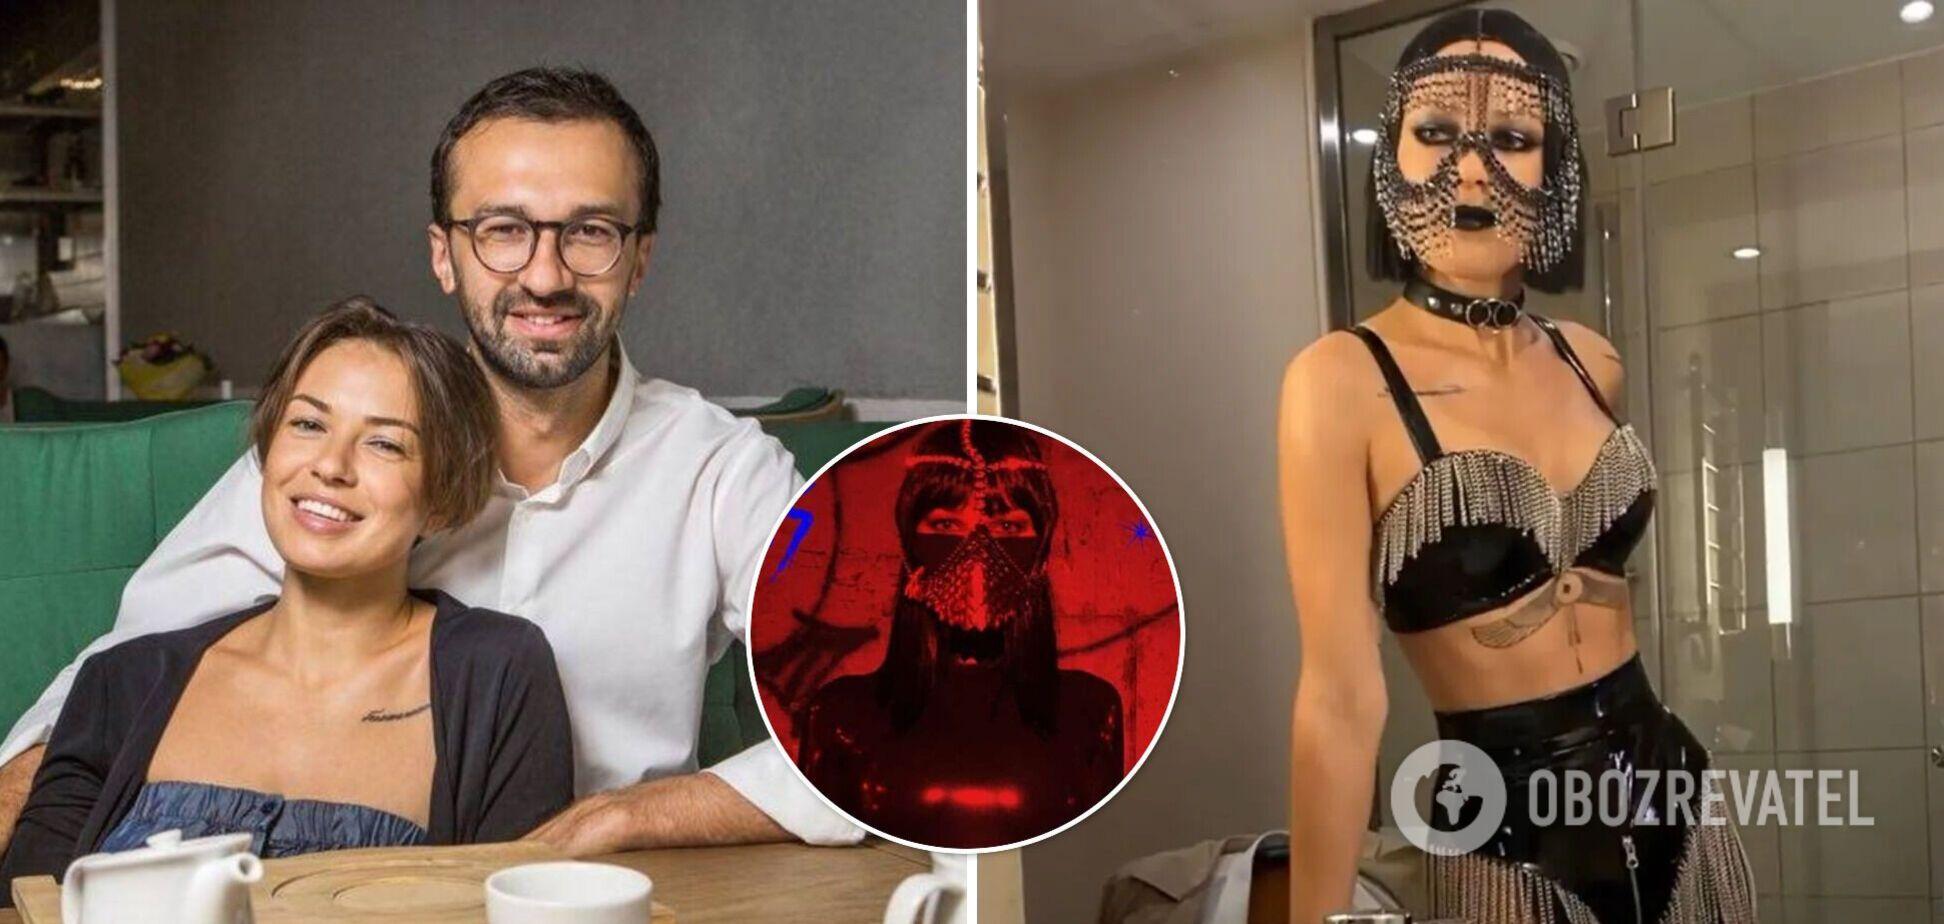 Лещенко вперше прокоментував скандал з виступом дружини Dj Nastia на секс-вечірці в Росії